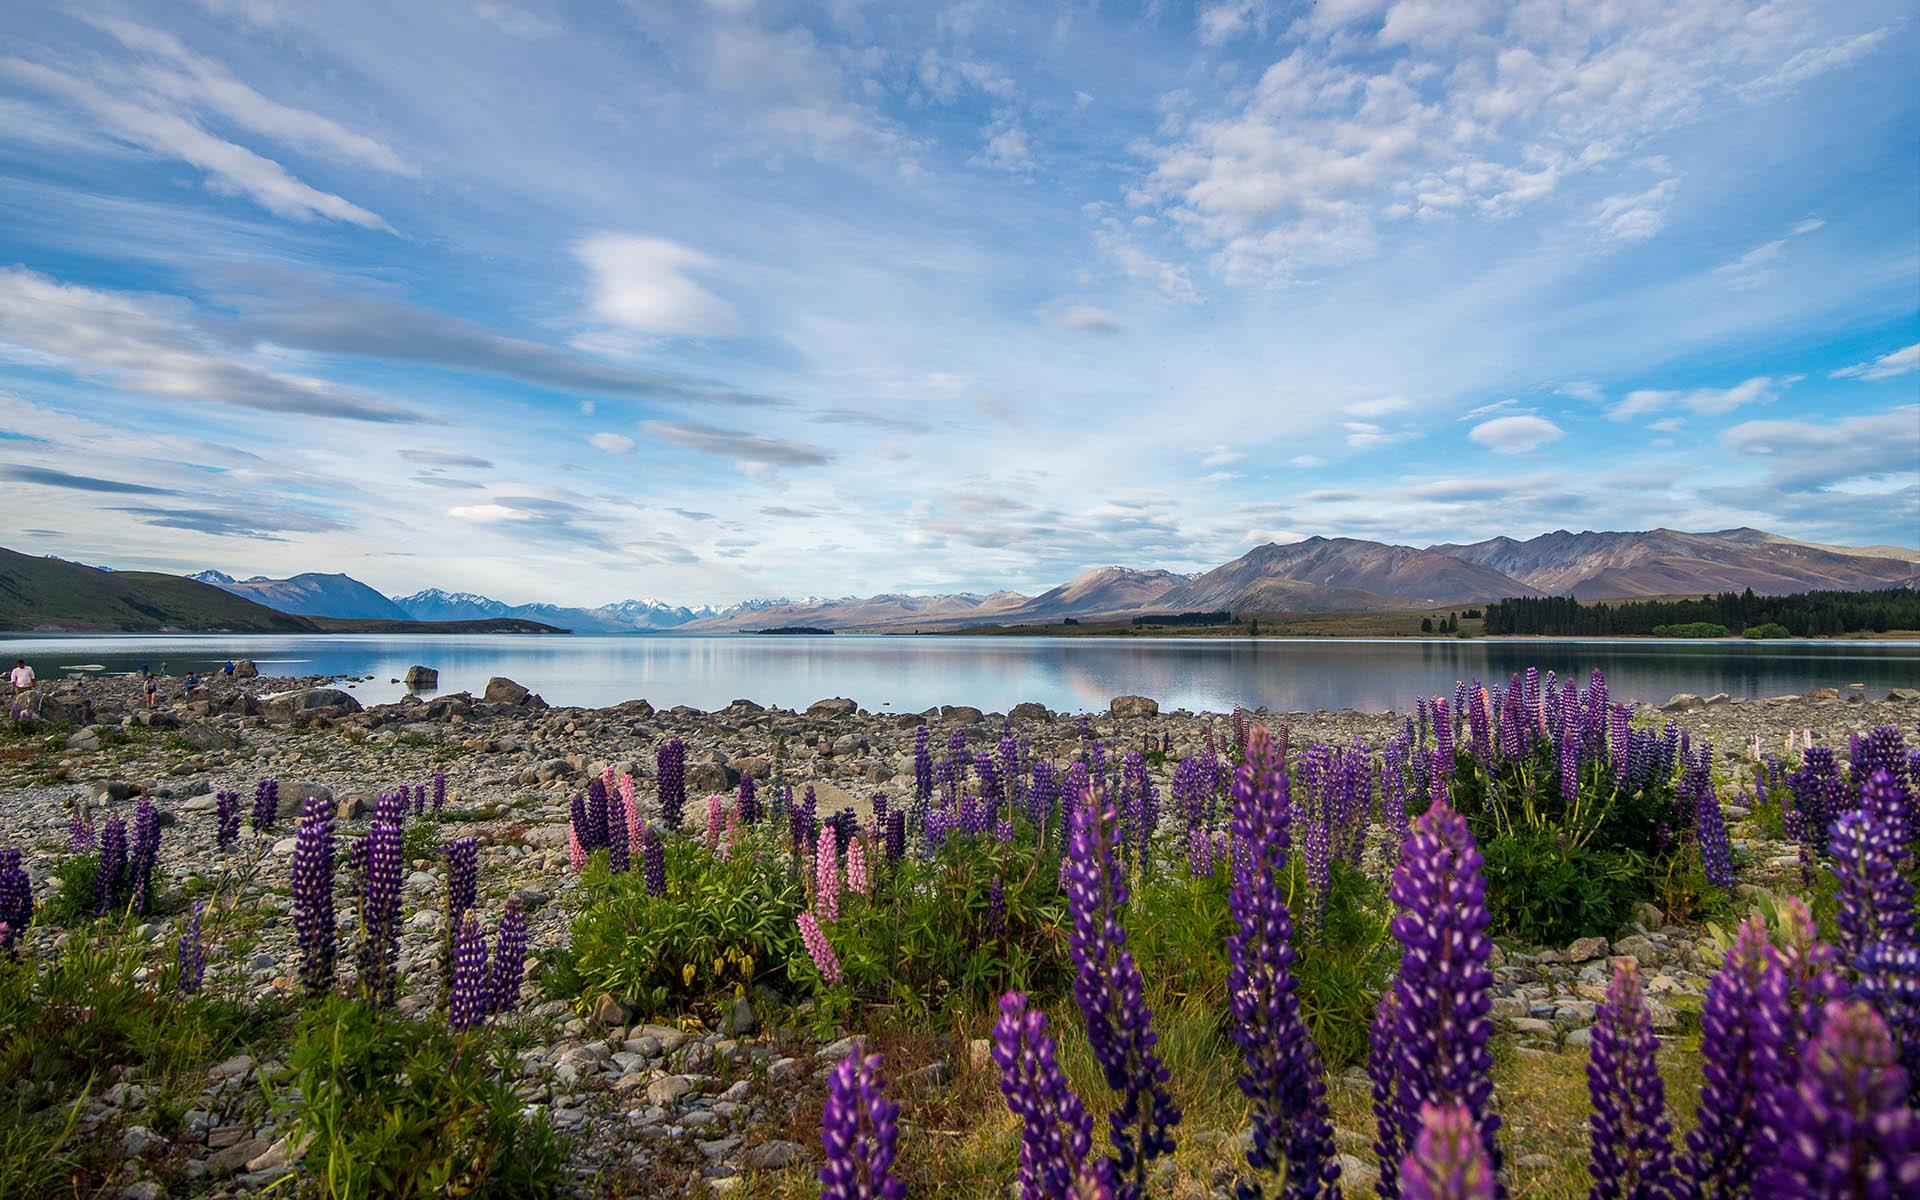 Lake Tekapo and lupins. Image courtesy mackenzienz.com